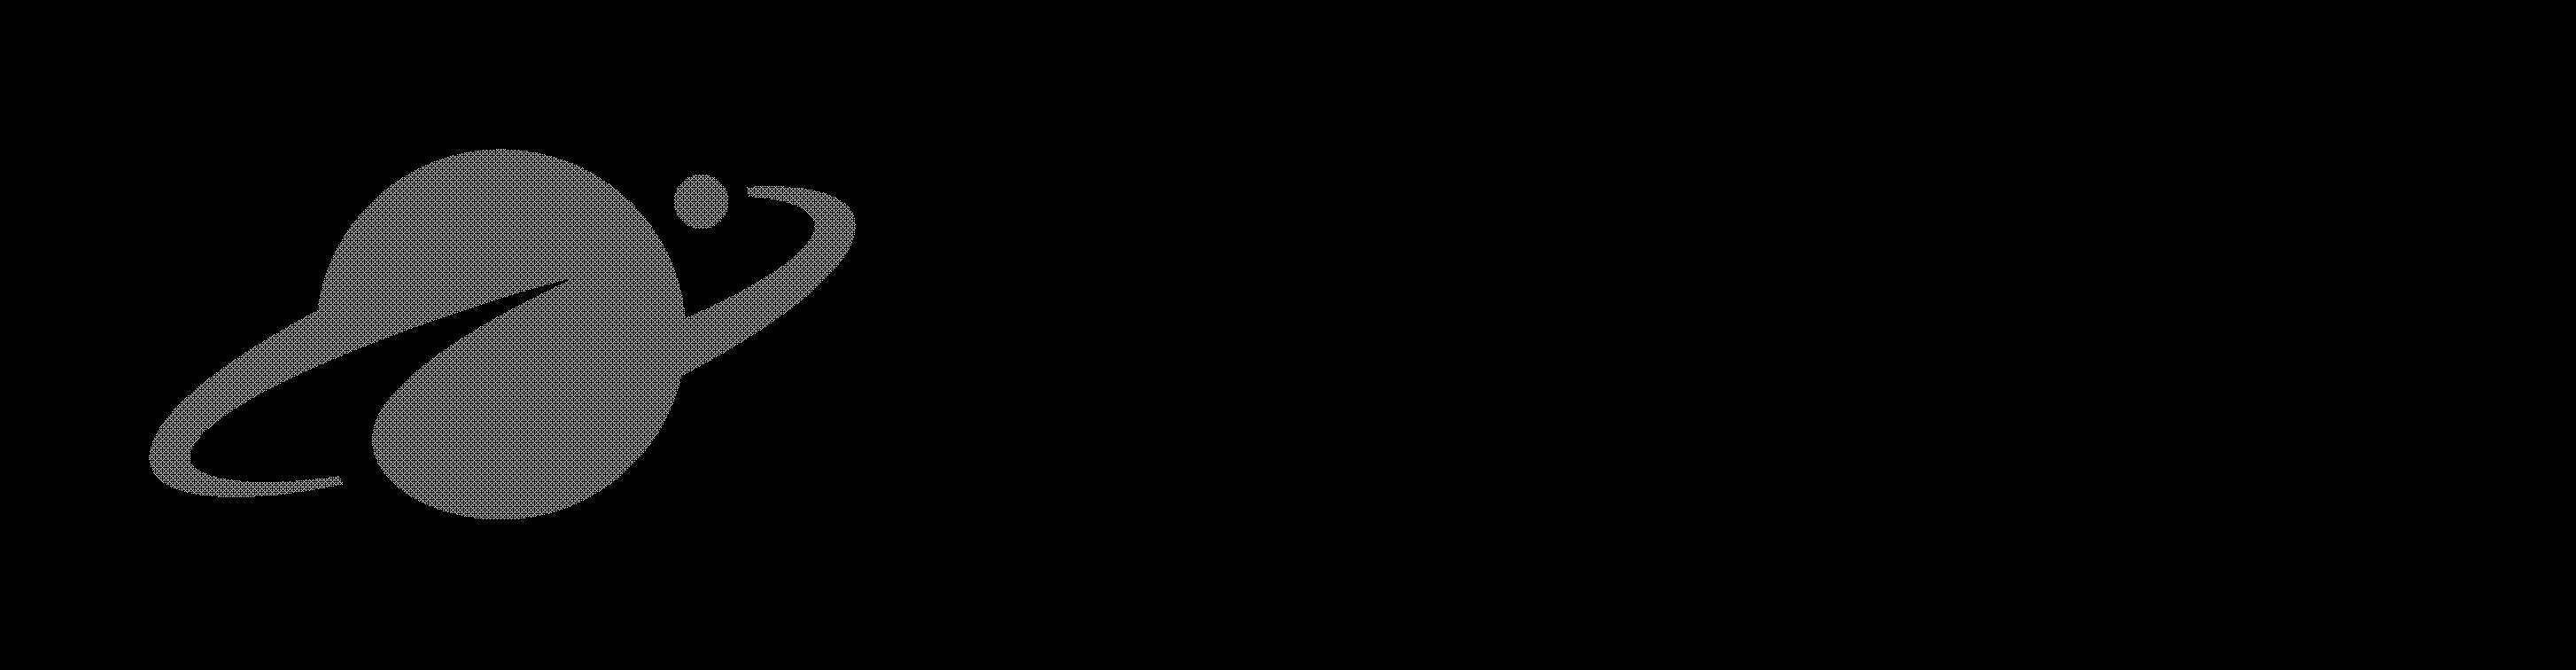 mitglieder-logos/1000002159_Ariane_LogoH_RVB.png